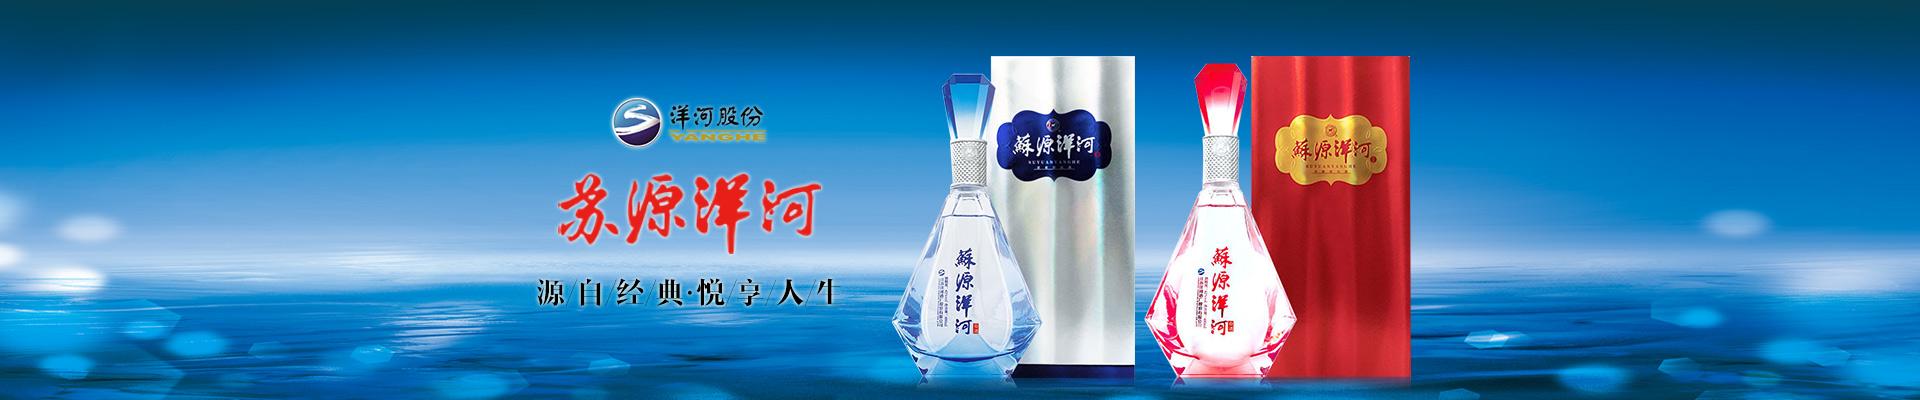 江苏洋河酒厂股份有限公司